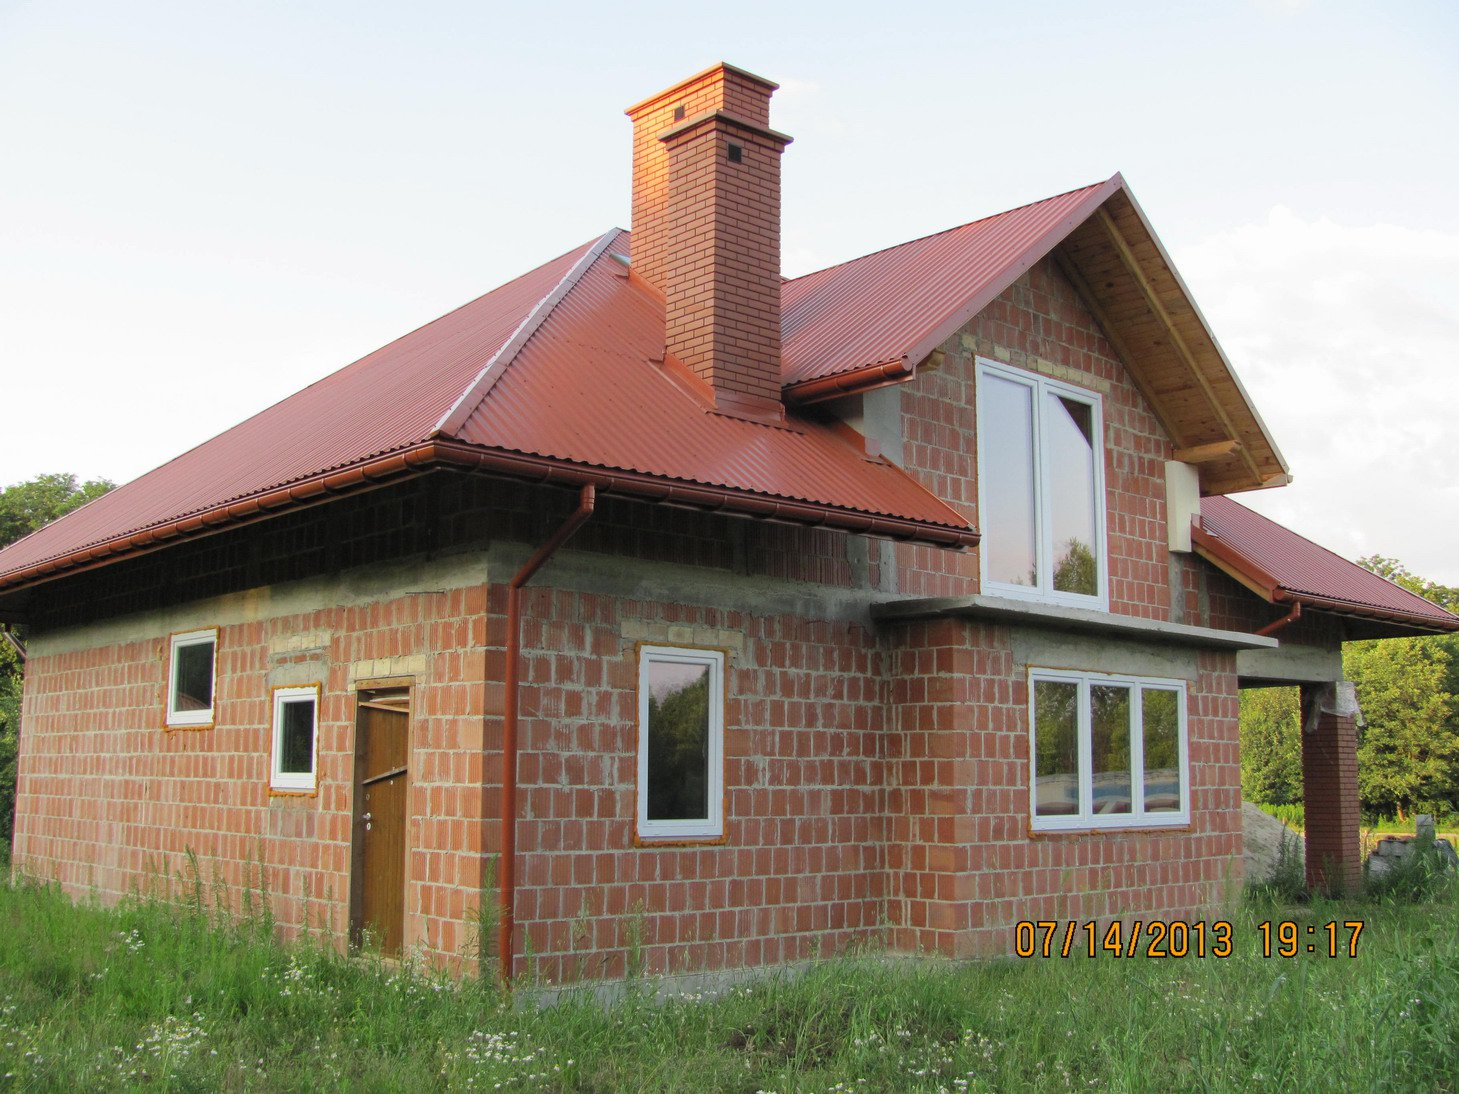 projekt-domu-filip-fot-8-1374839442-i9hxqtbj.jpg